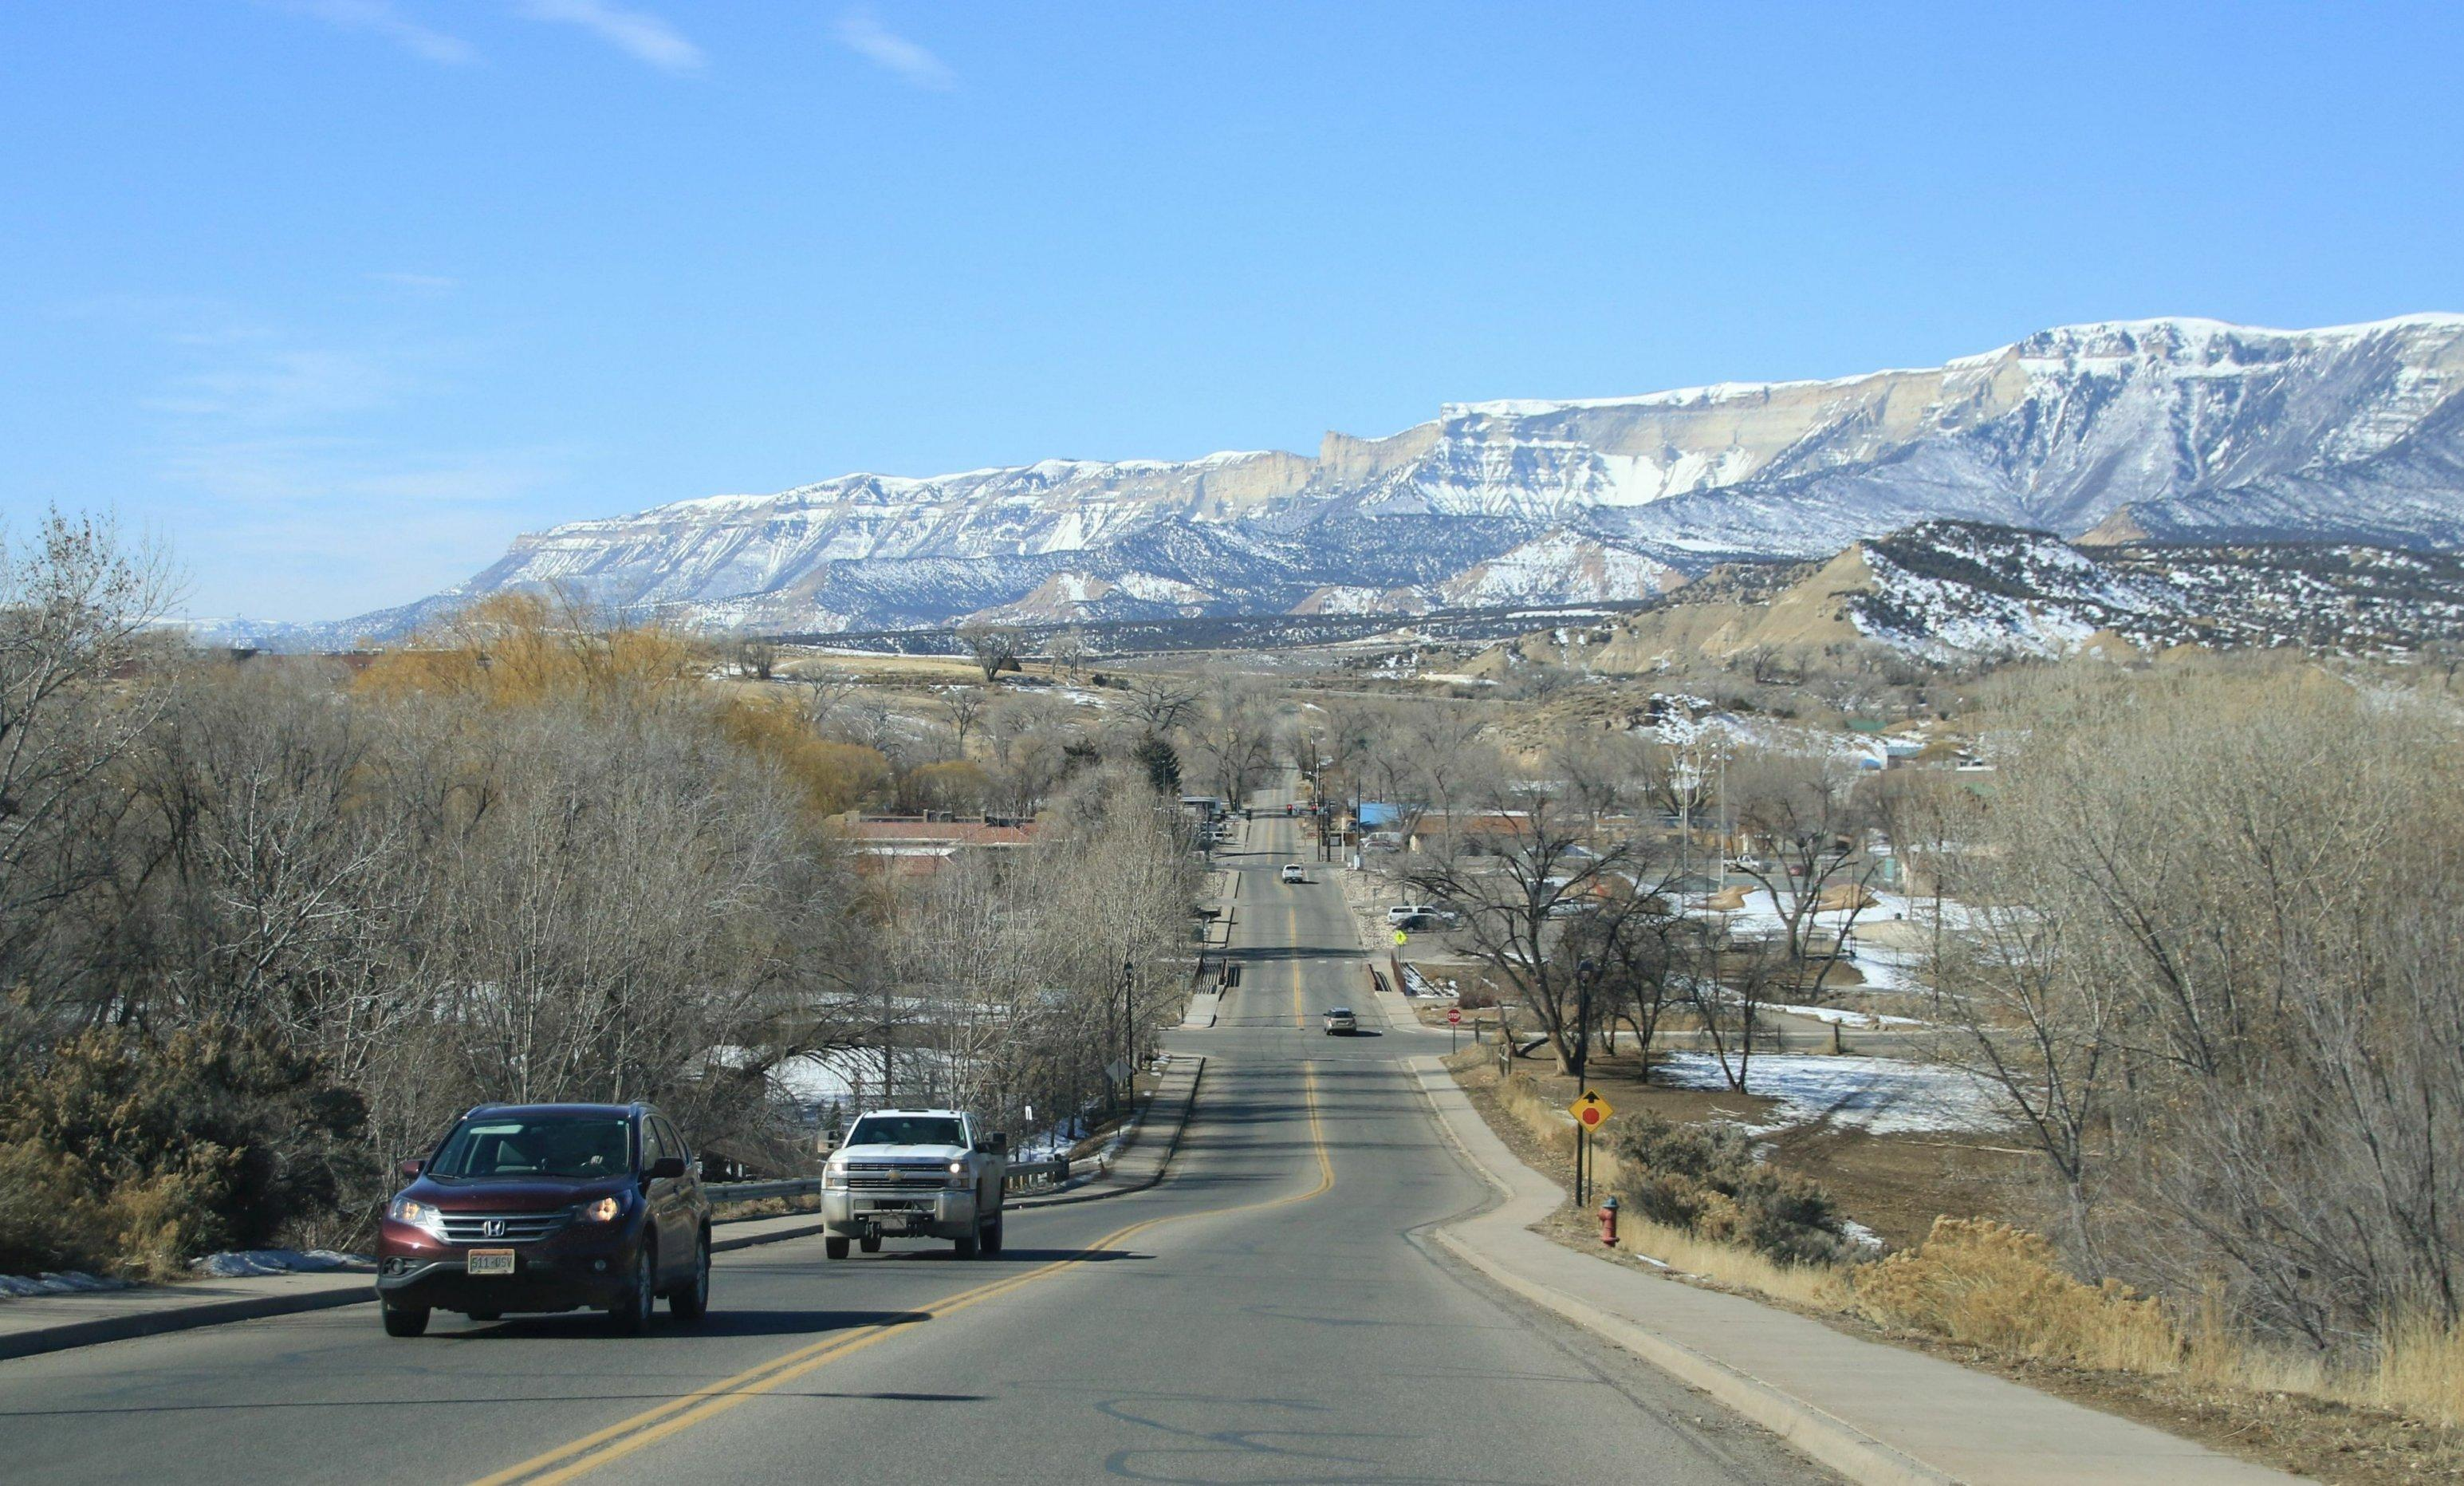 Eine hügelige Straße. Im Hintergrund schneebedeckte Berge.